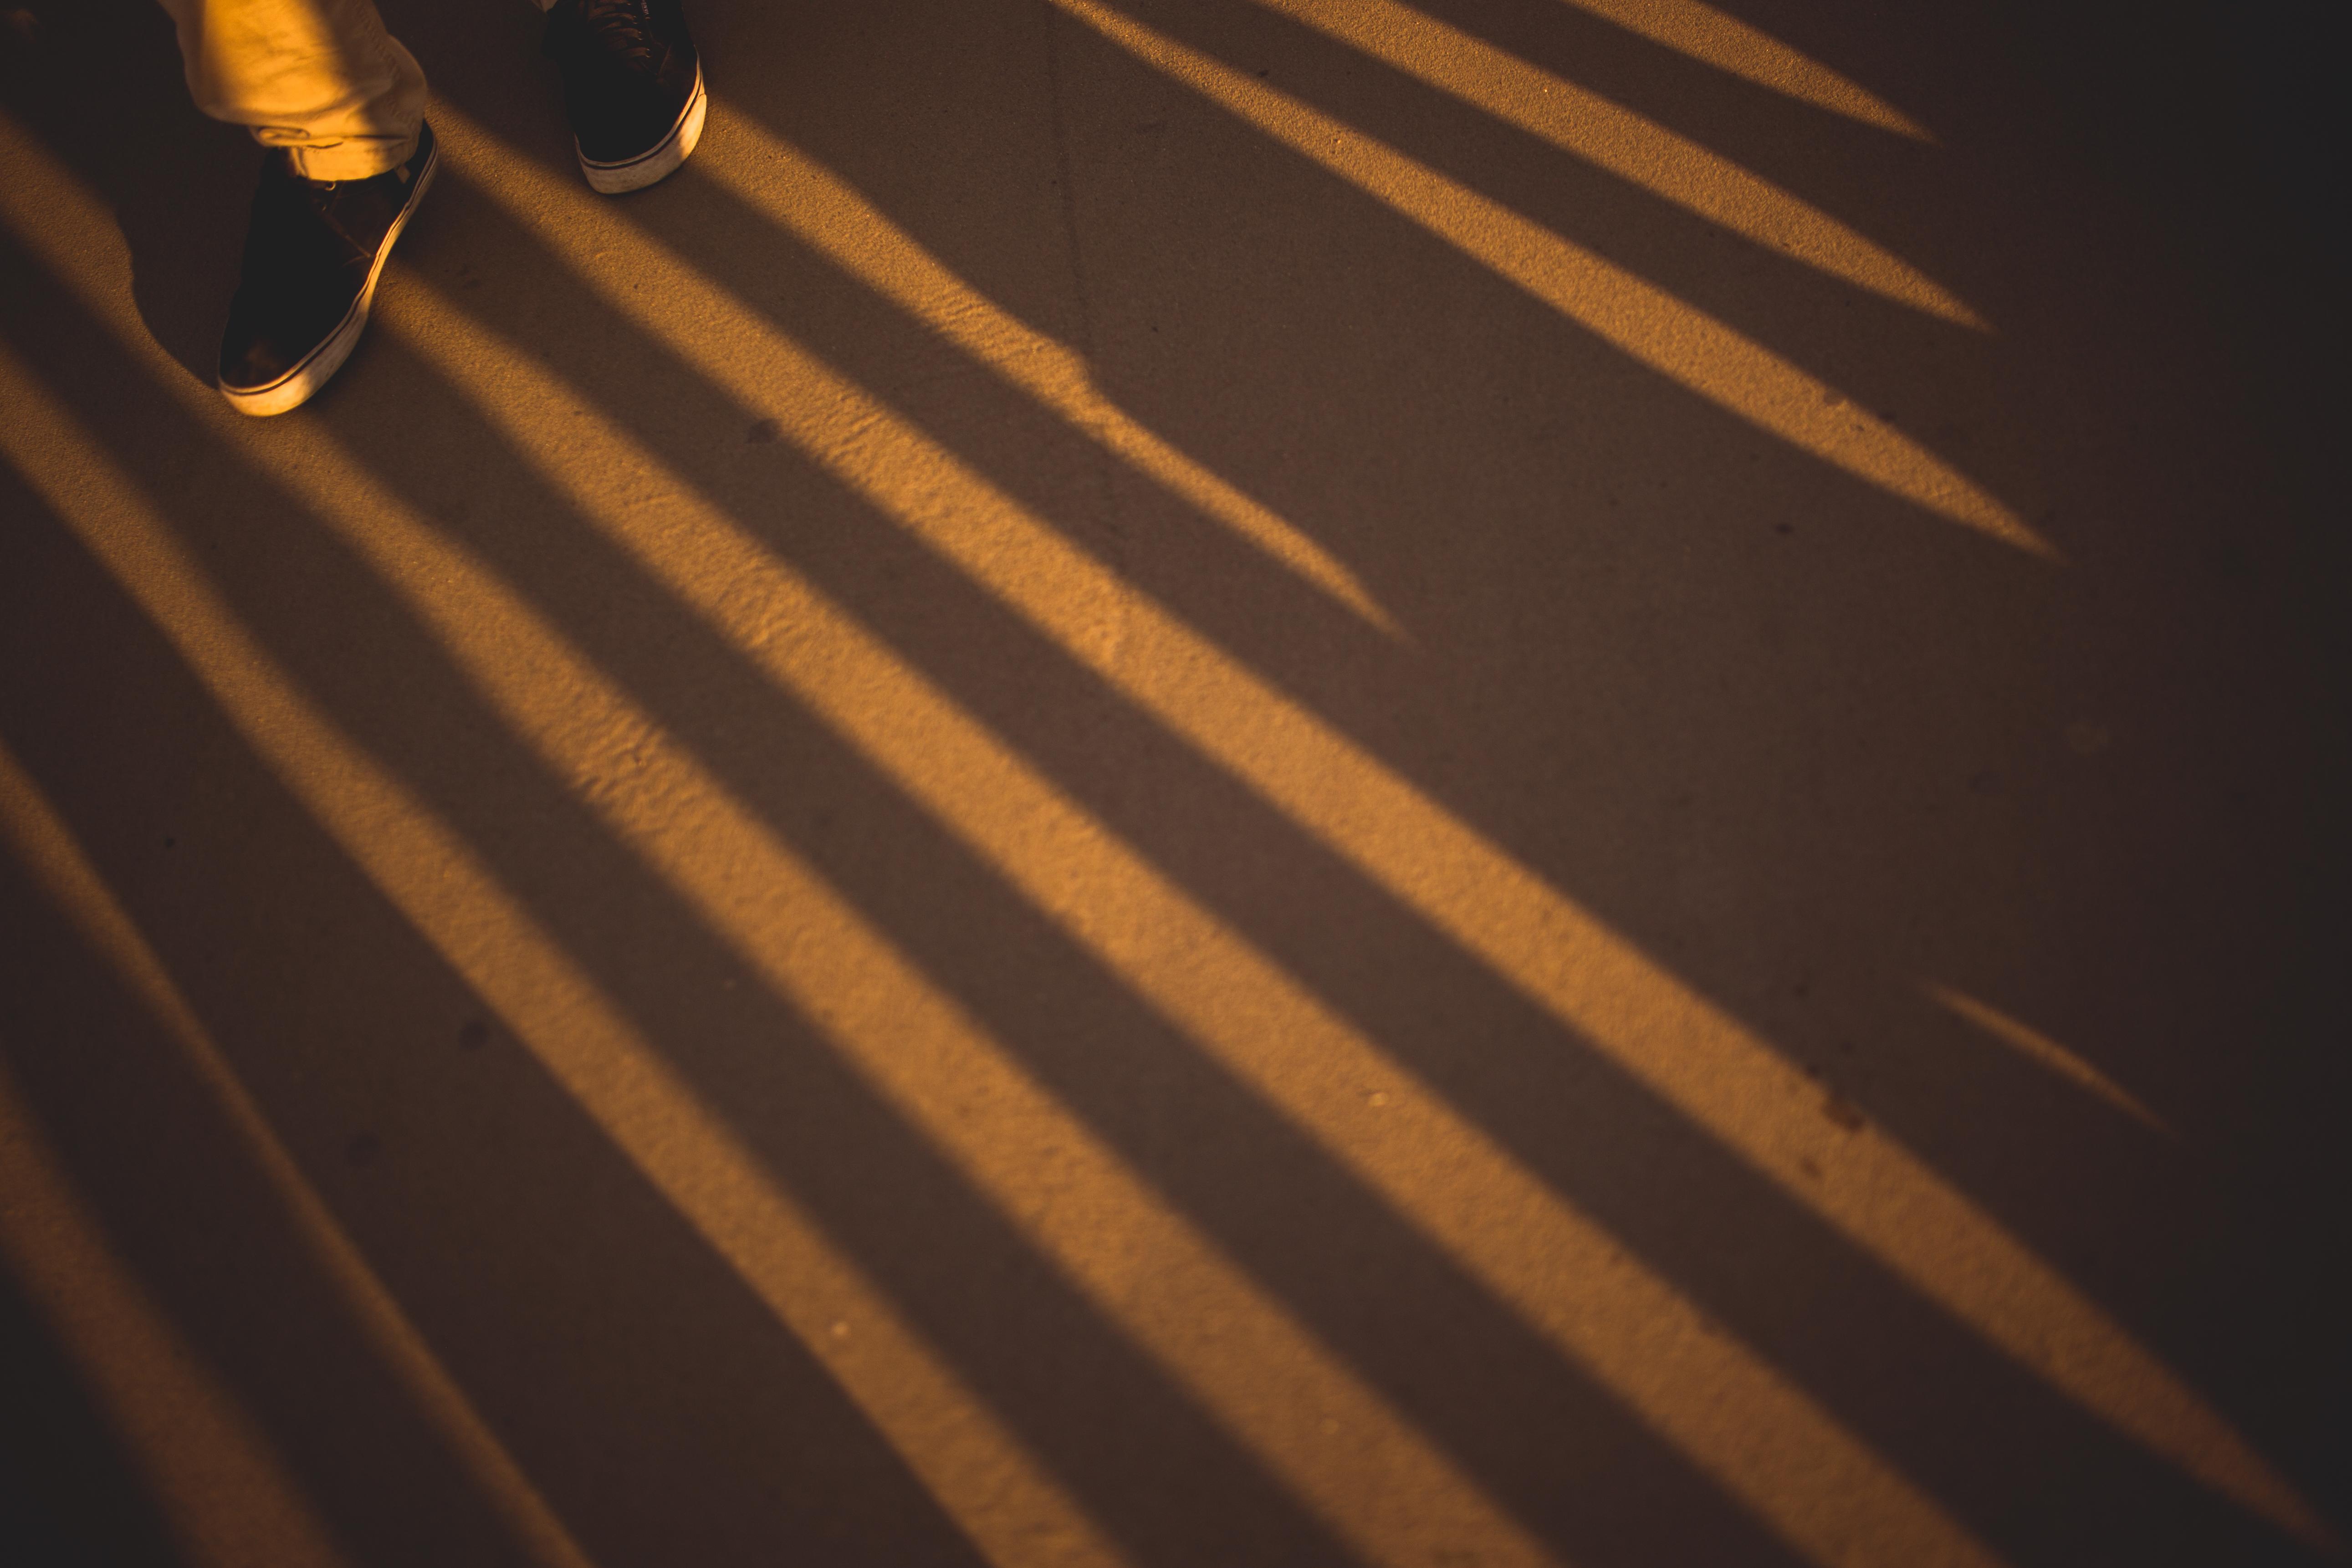 Shadow, Activity, Foot, Human, Road, HQ Photo